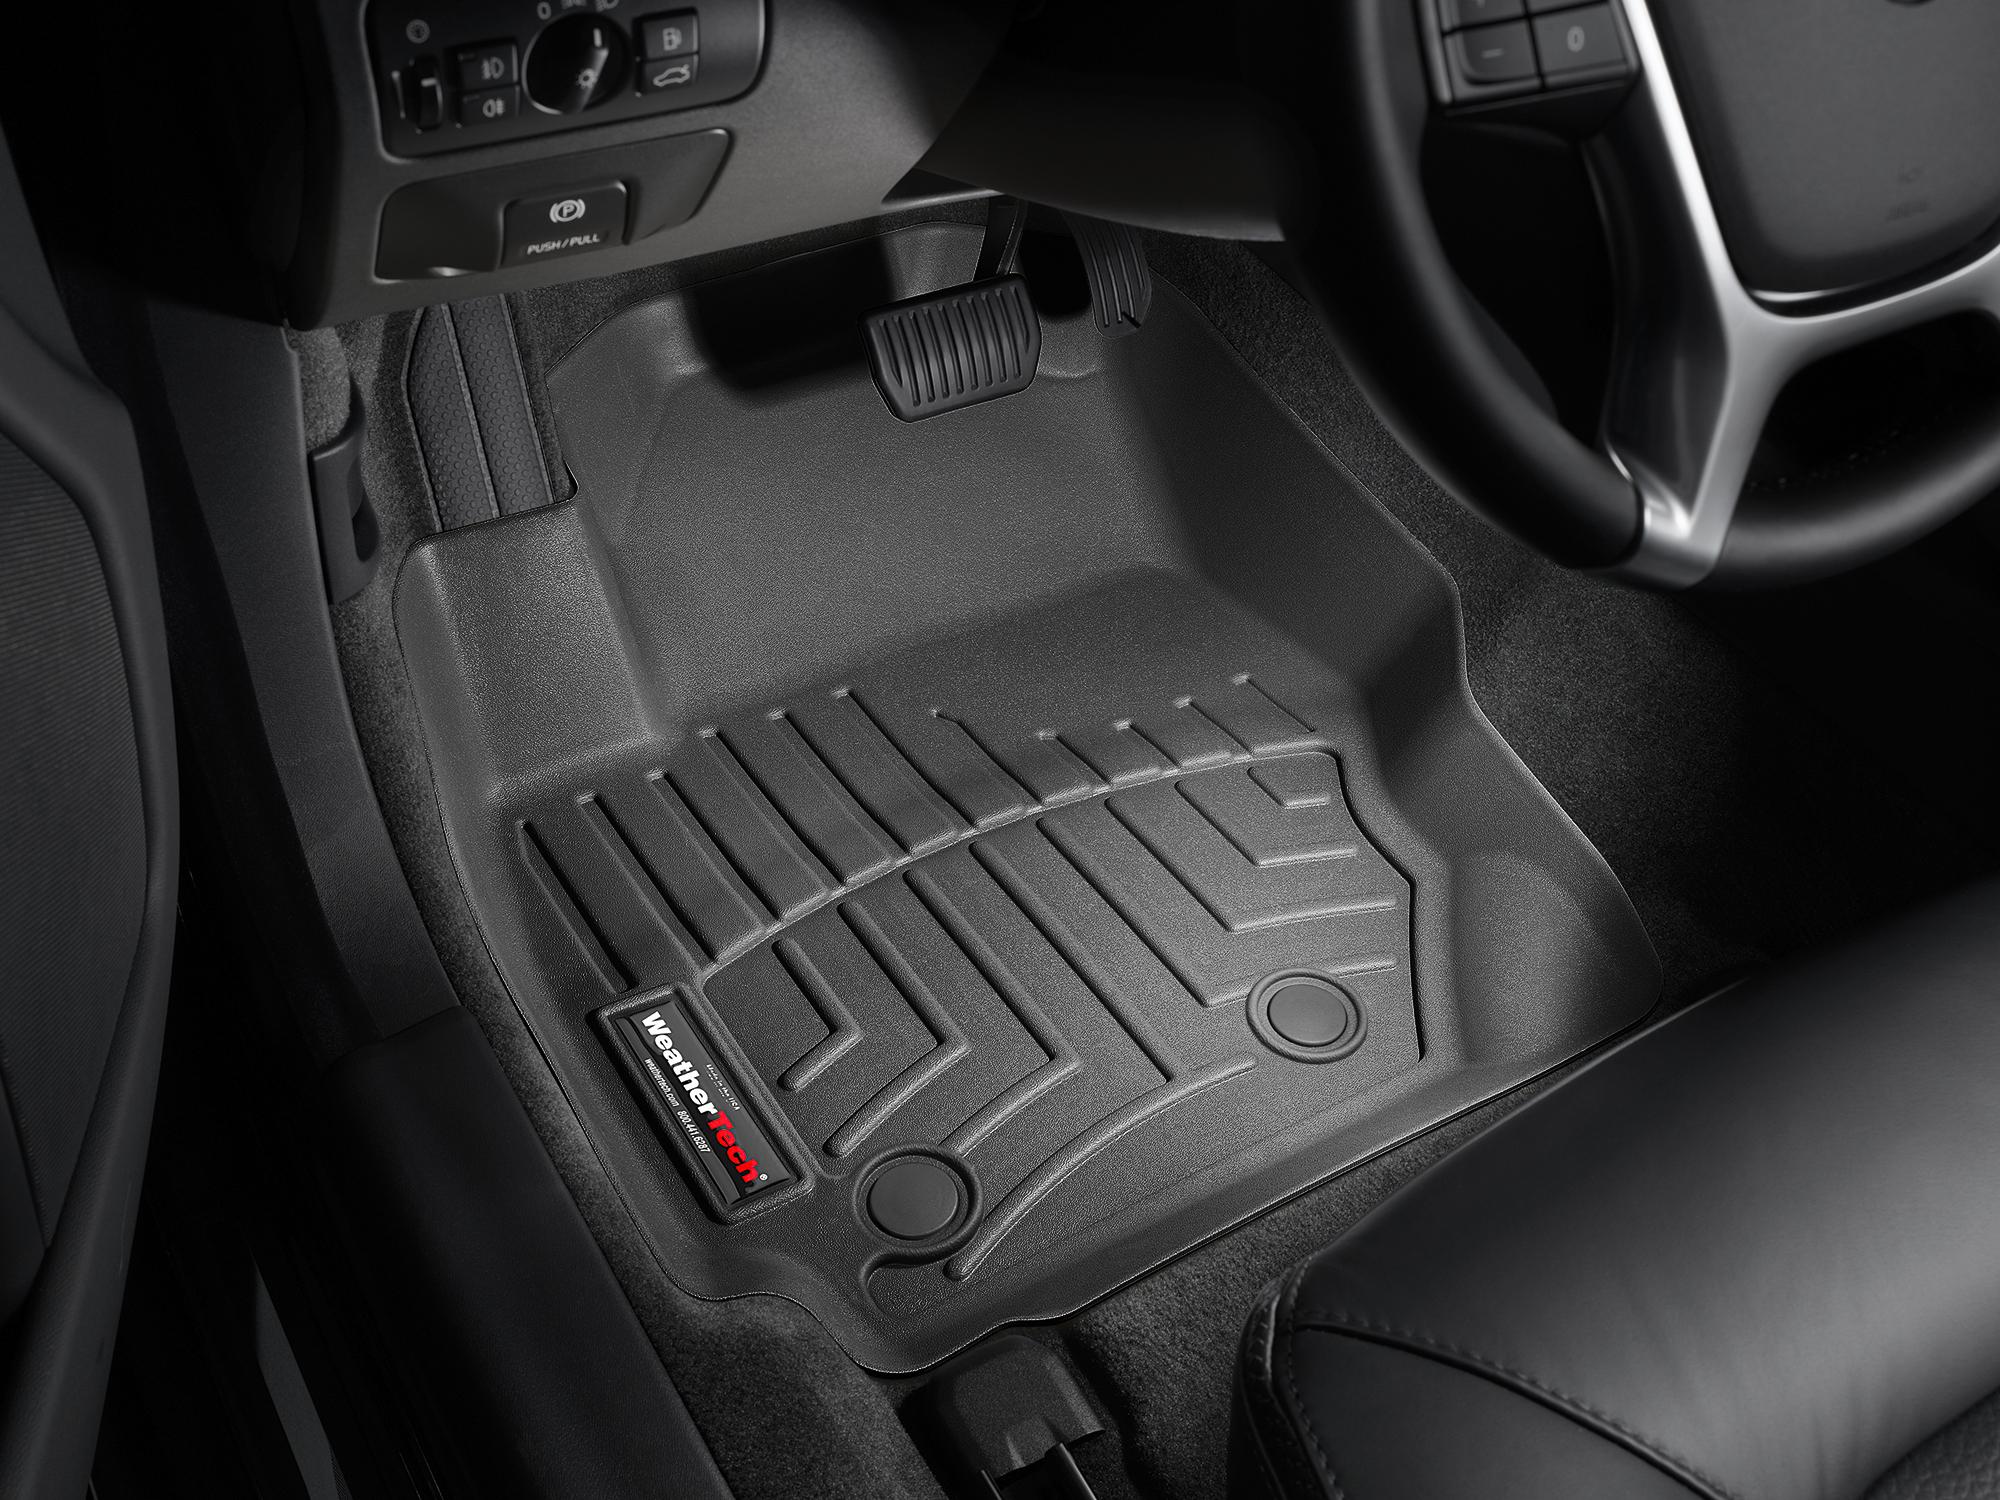 Tappeti gomma su misura bordo alto Volvo V70 08>10 Nero A4412*